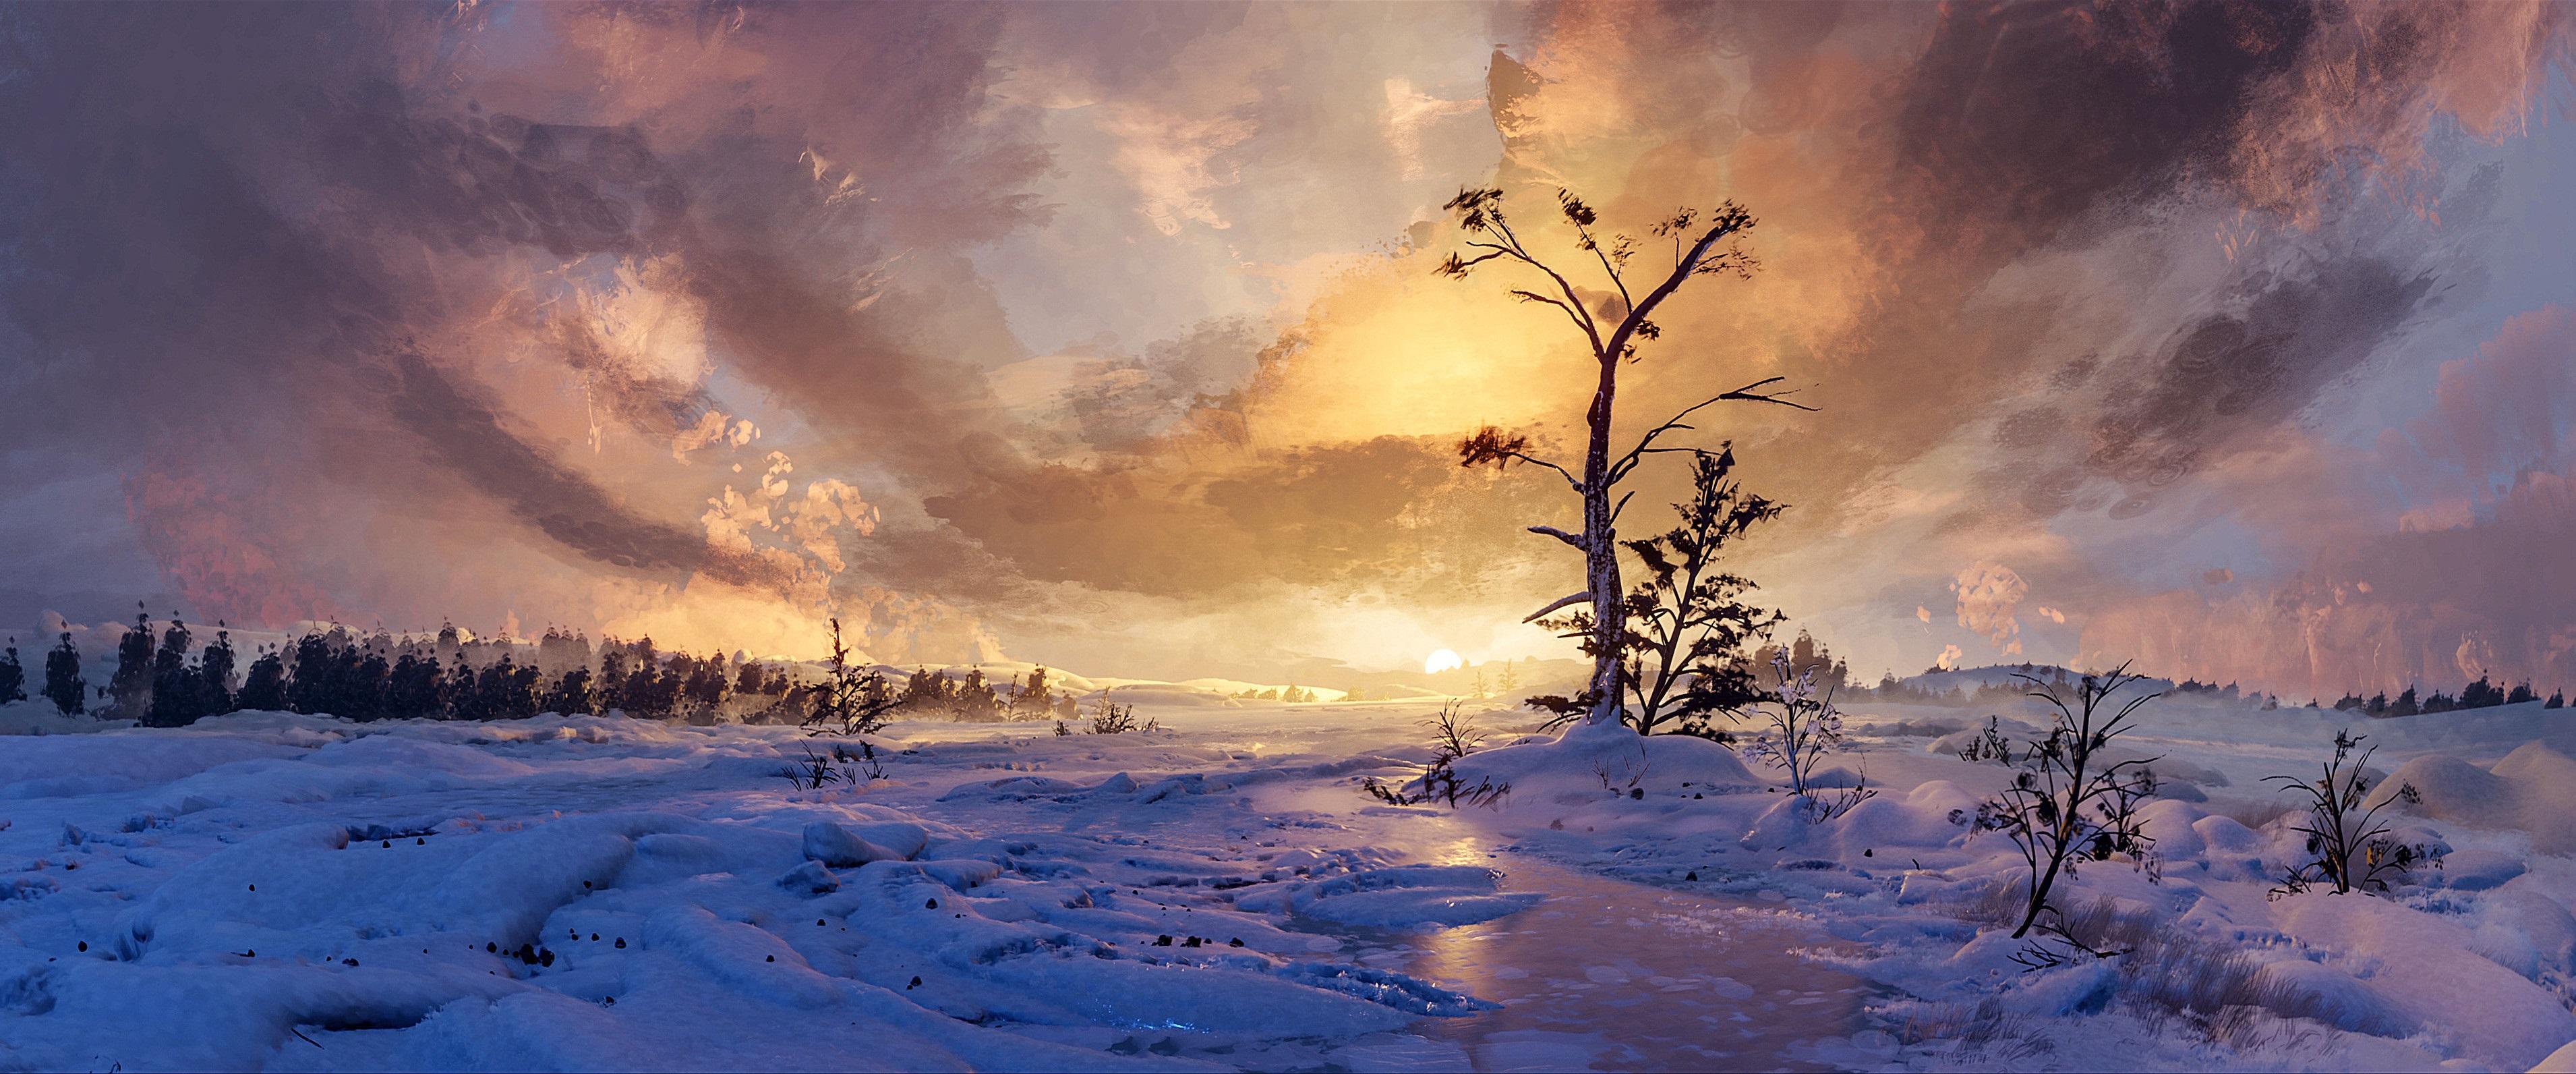 Winter Tree Sky Snow 3820x1592